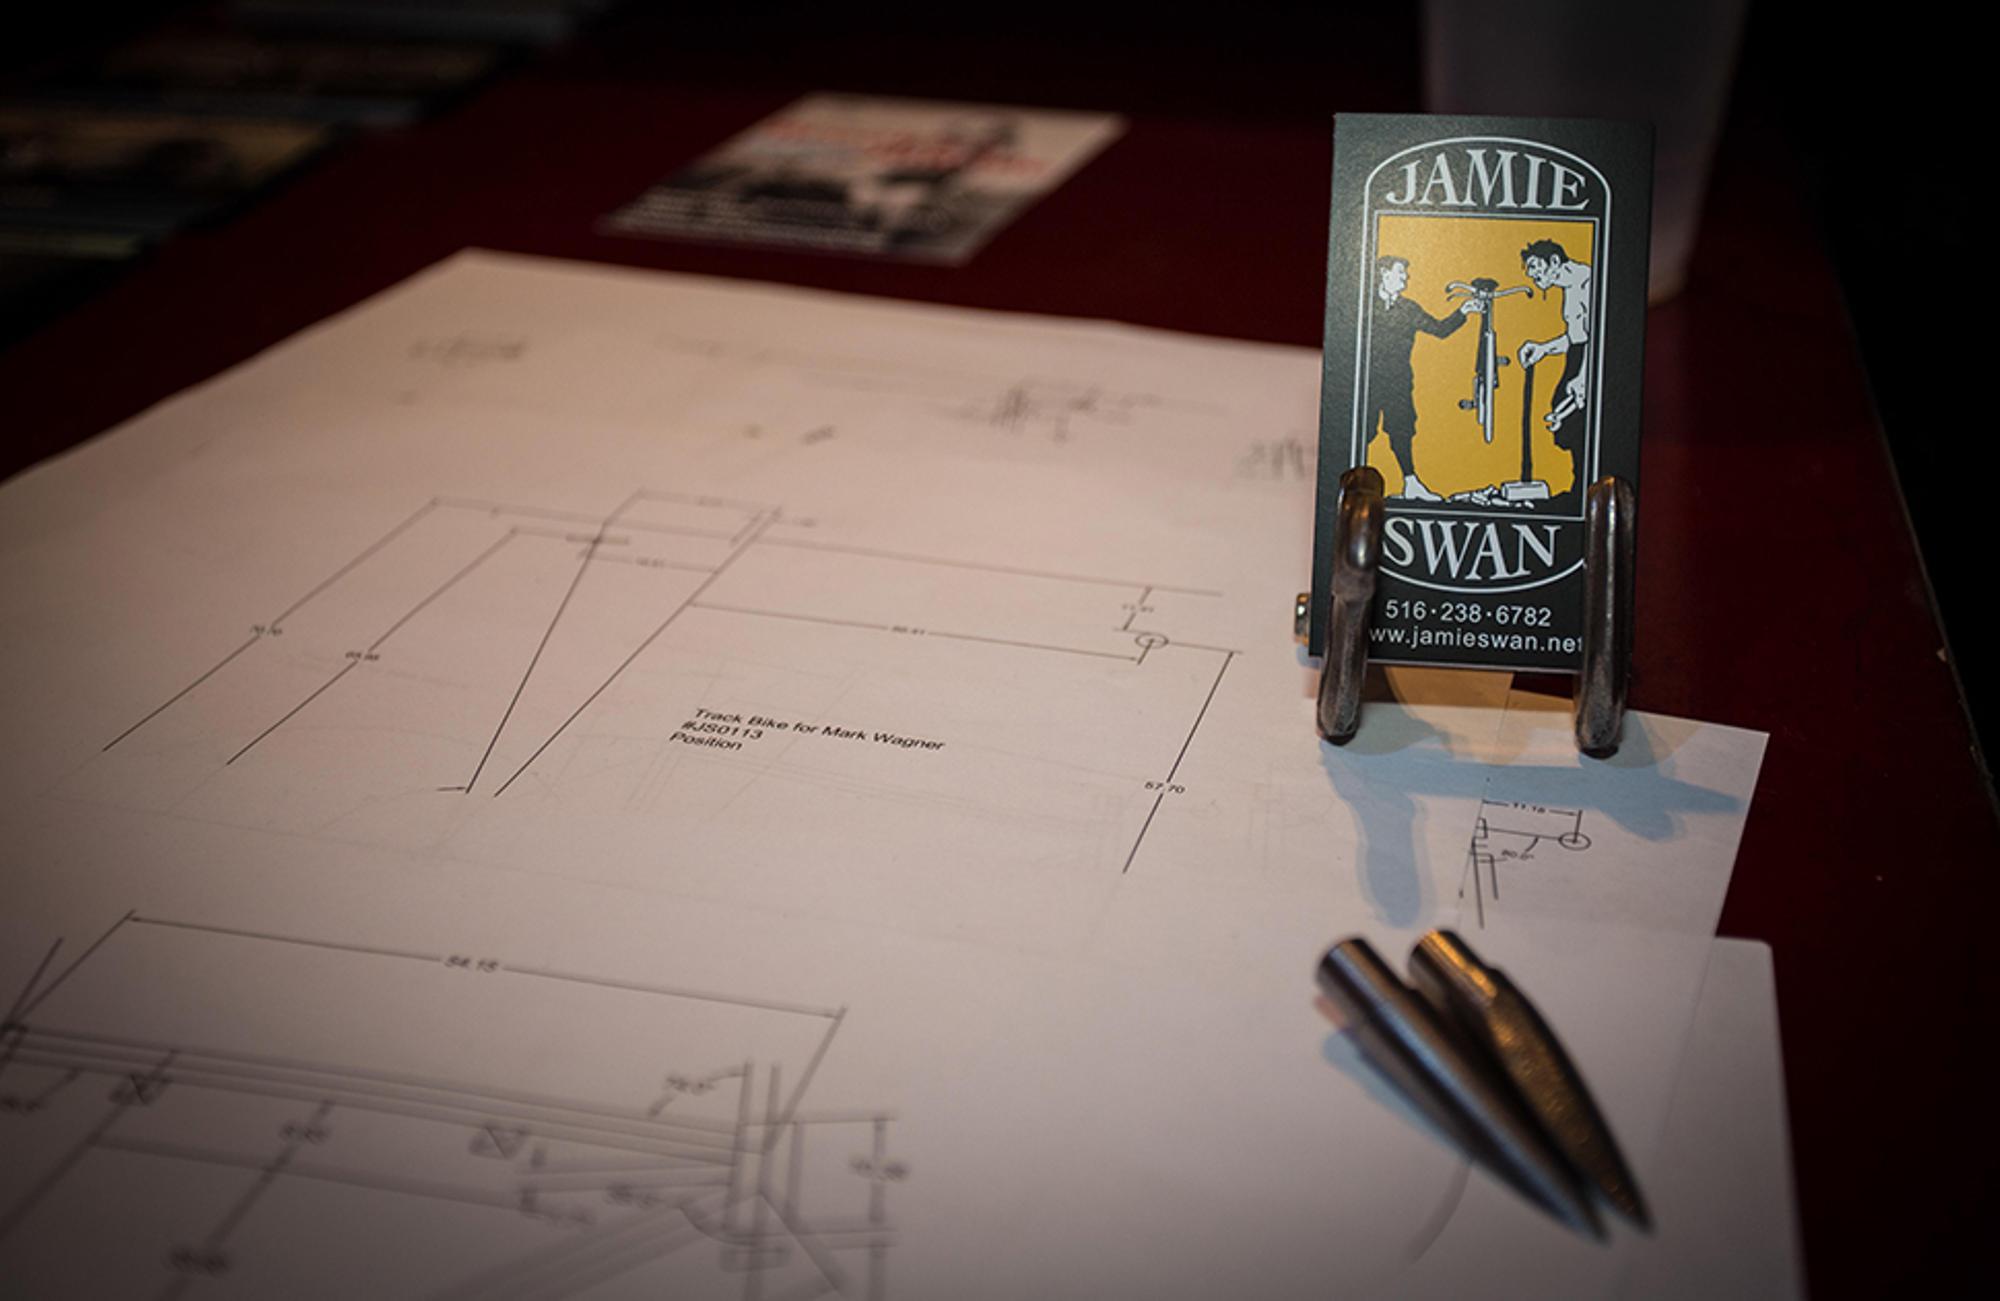 Jamie Swan drawings